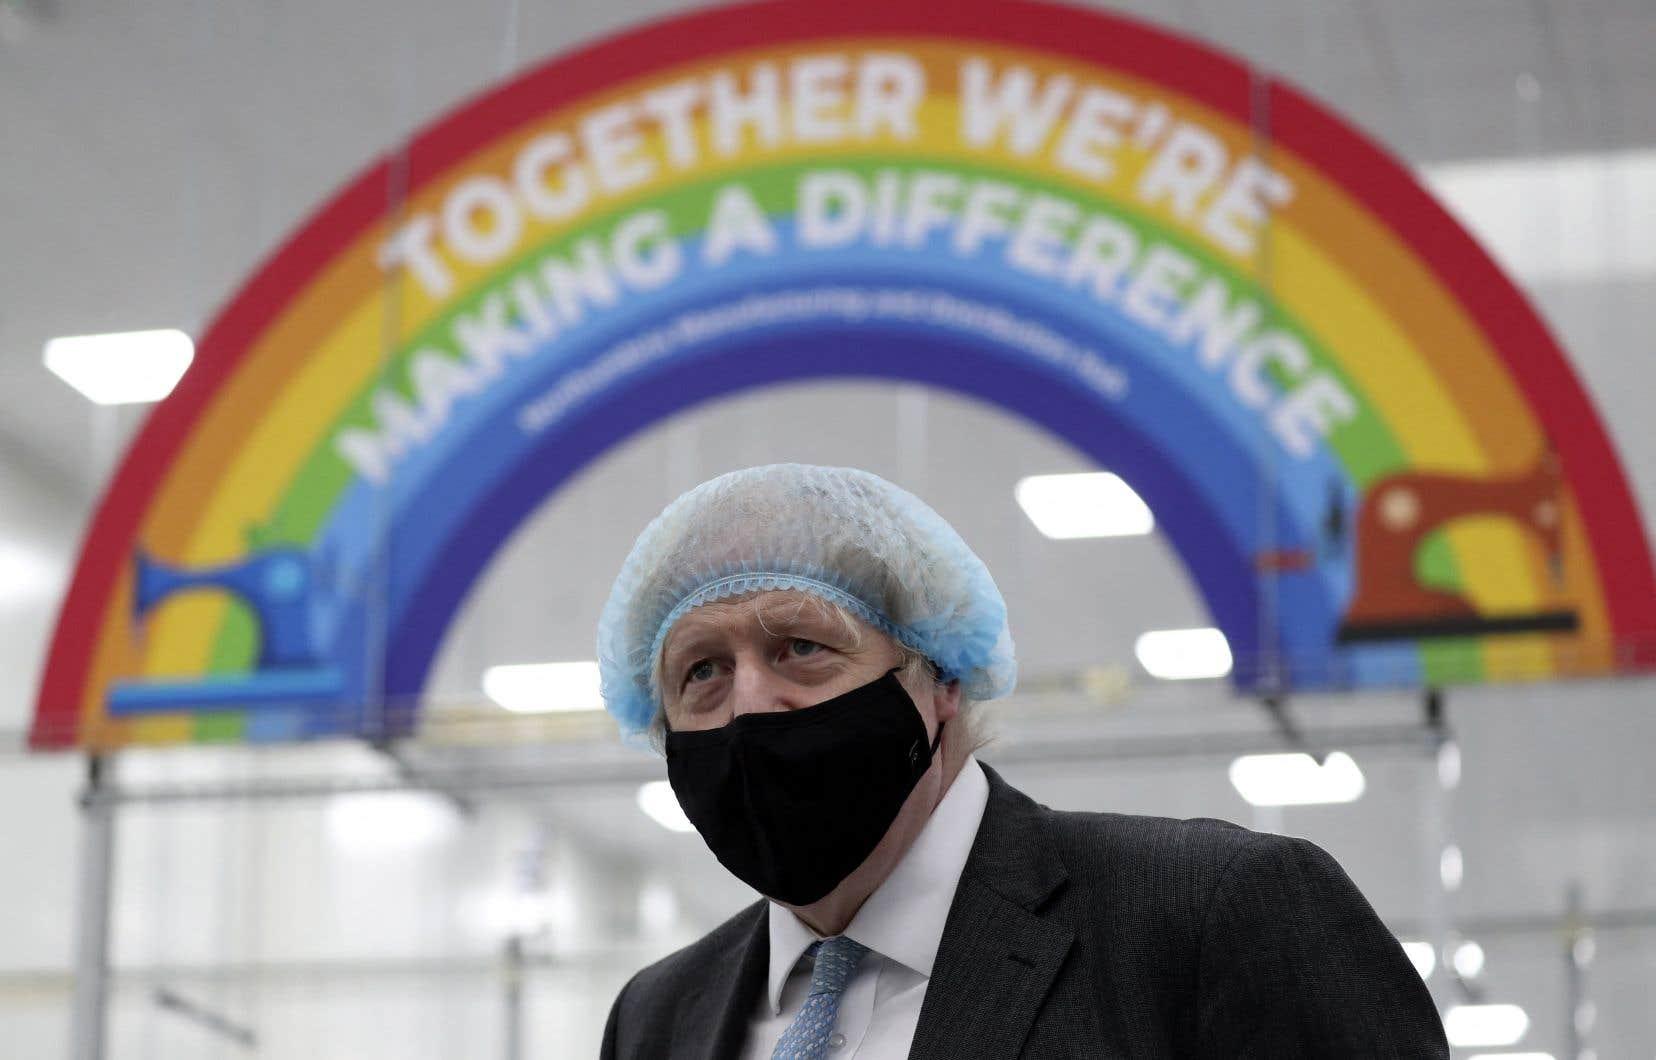 Un masque sur le visage et un filet à cheveux sur la tête, le premier ministre britannique, Boris Johnson, a visité ce week-end le centre de fabrication d'équipements de protection individuelle (EPI) de la fondation Northumbria Healthcare NHS Trust à Seaton Delaval, dans le nord-est de l'Angleterre.